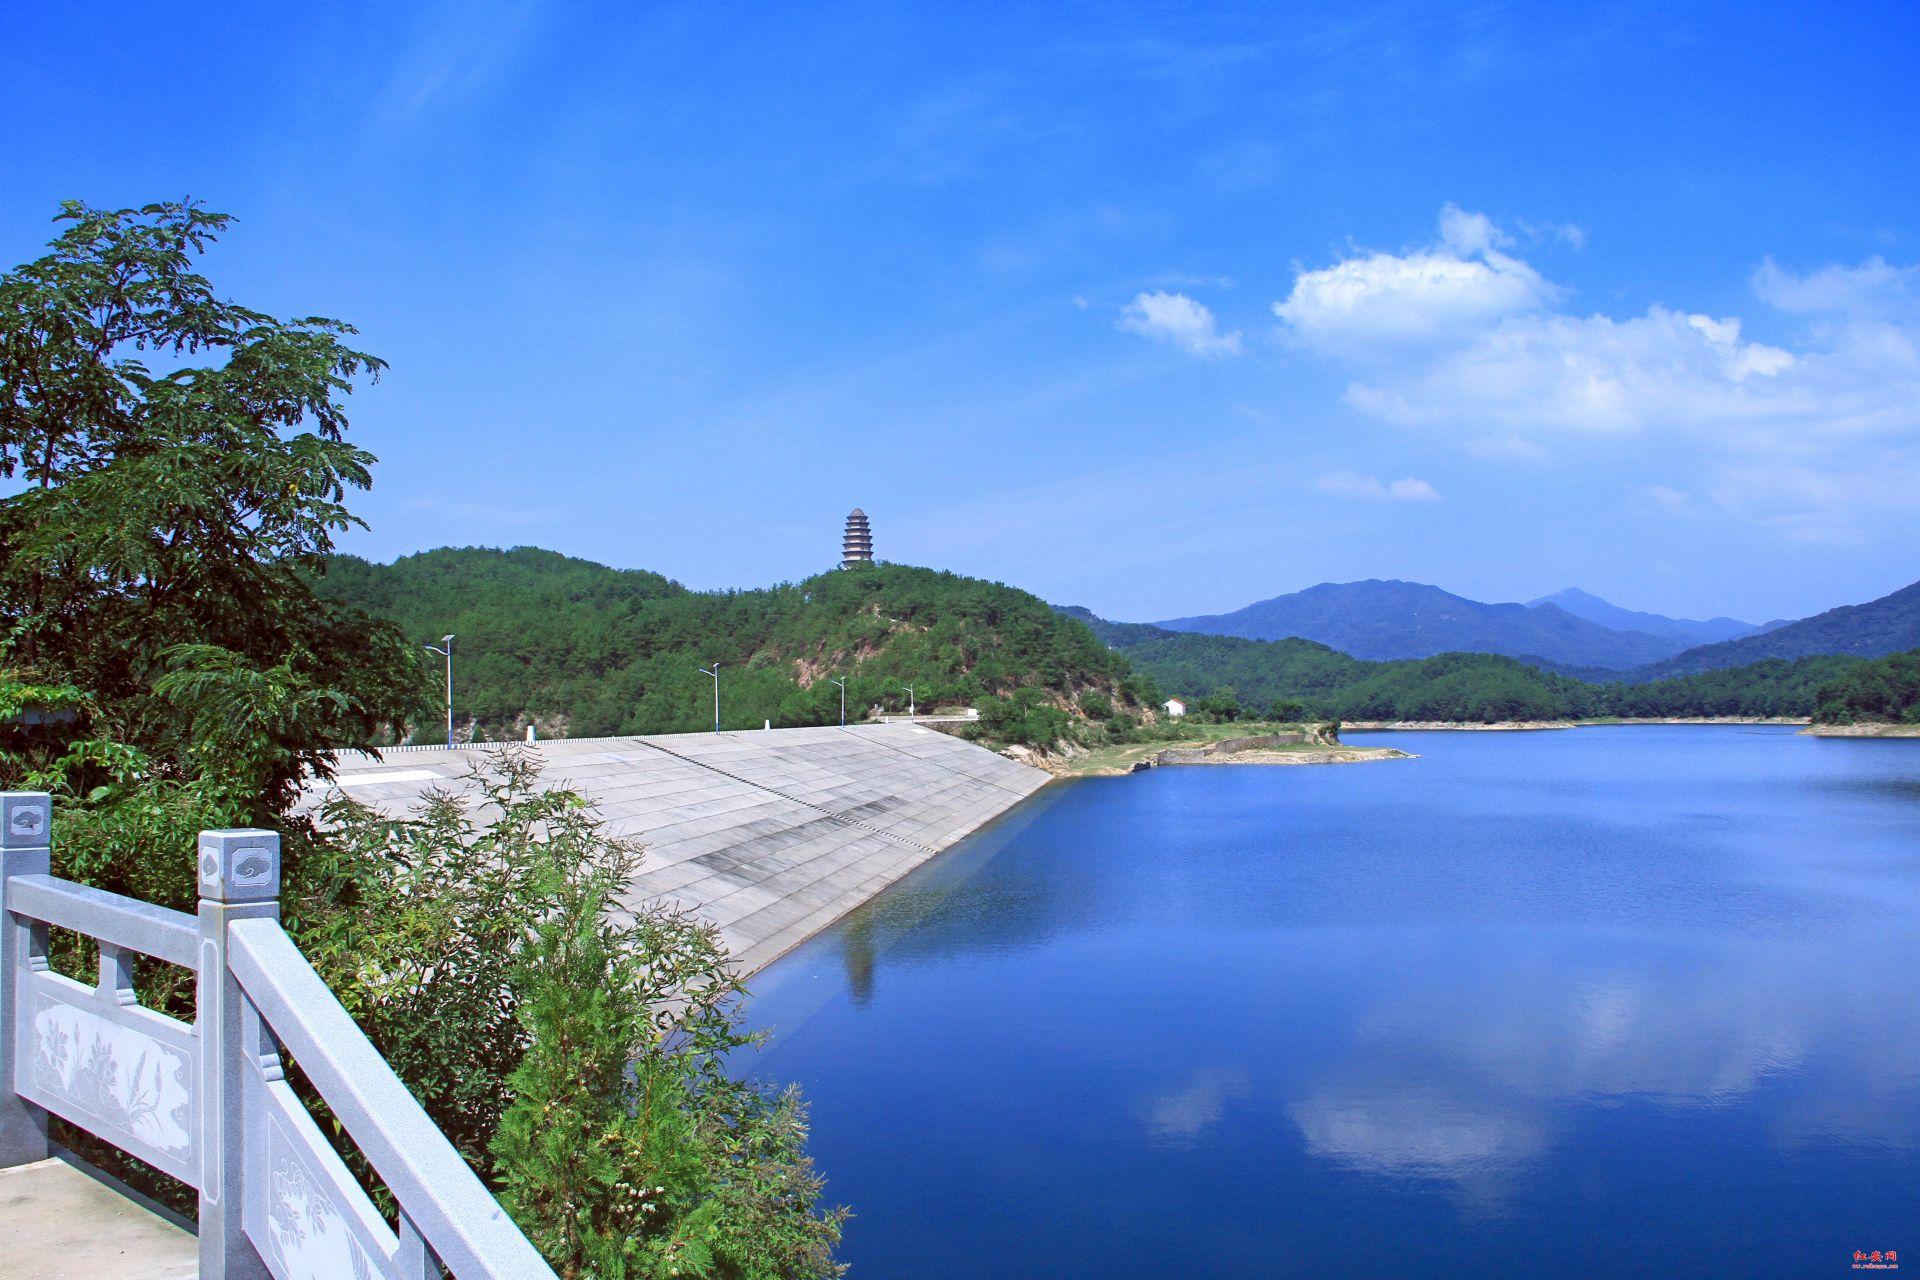 雨后香山湖